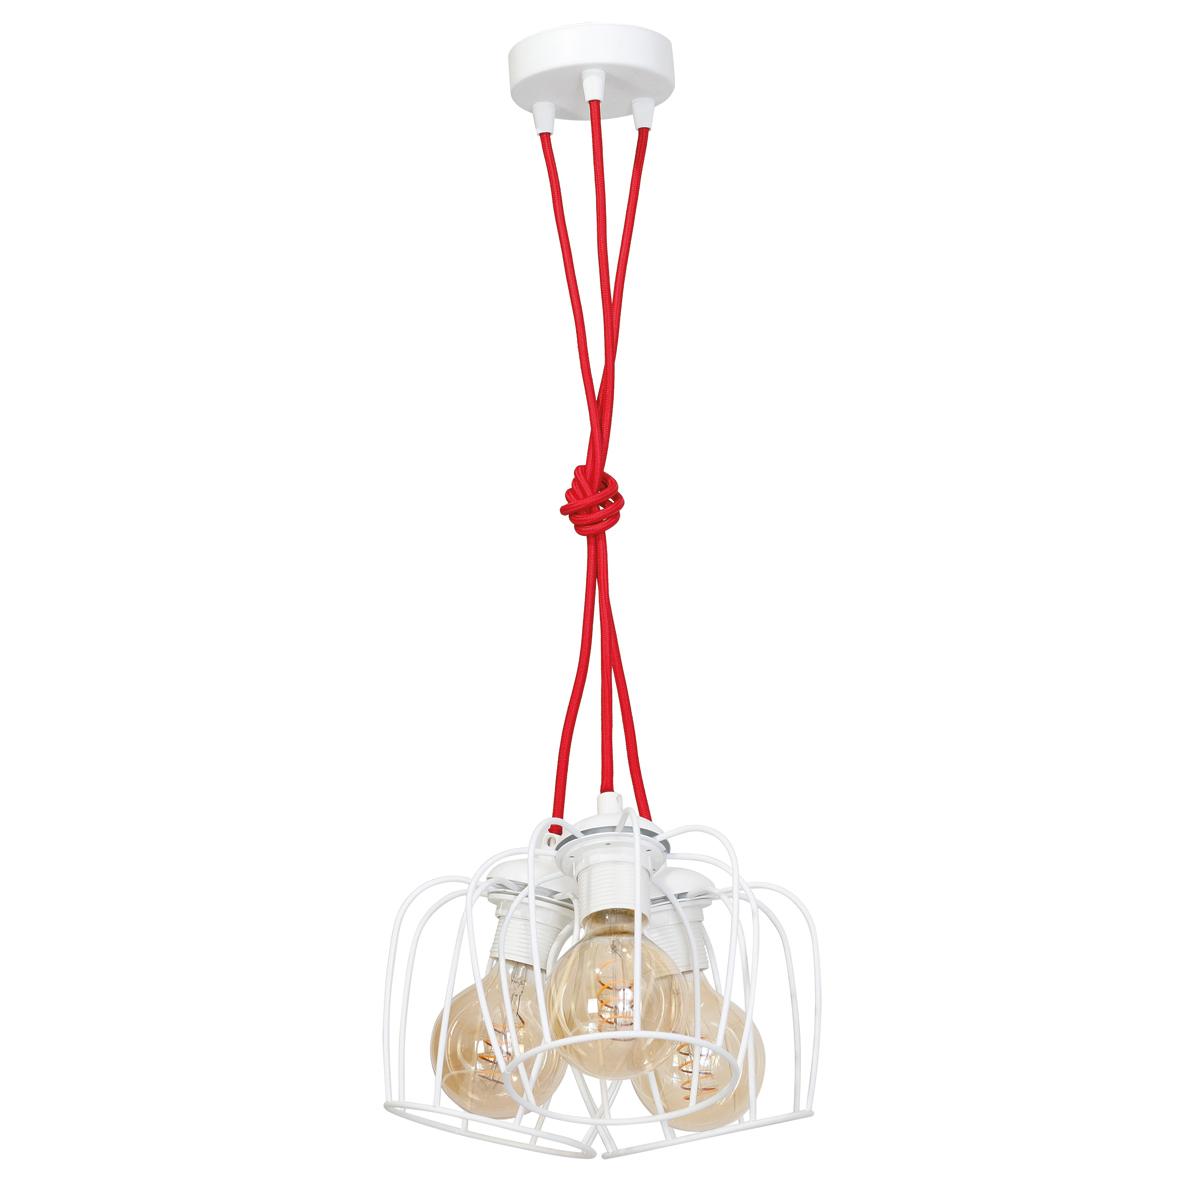 klosz matowy biały (kabel w czerwonym oplocie)